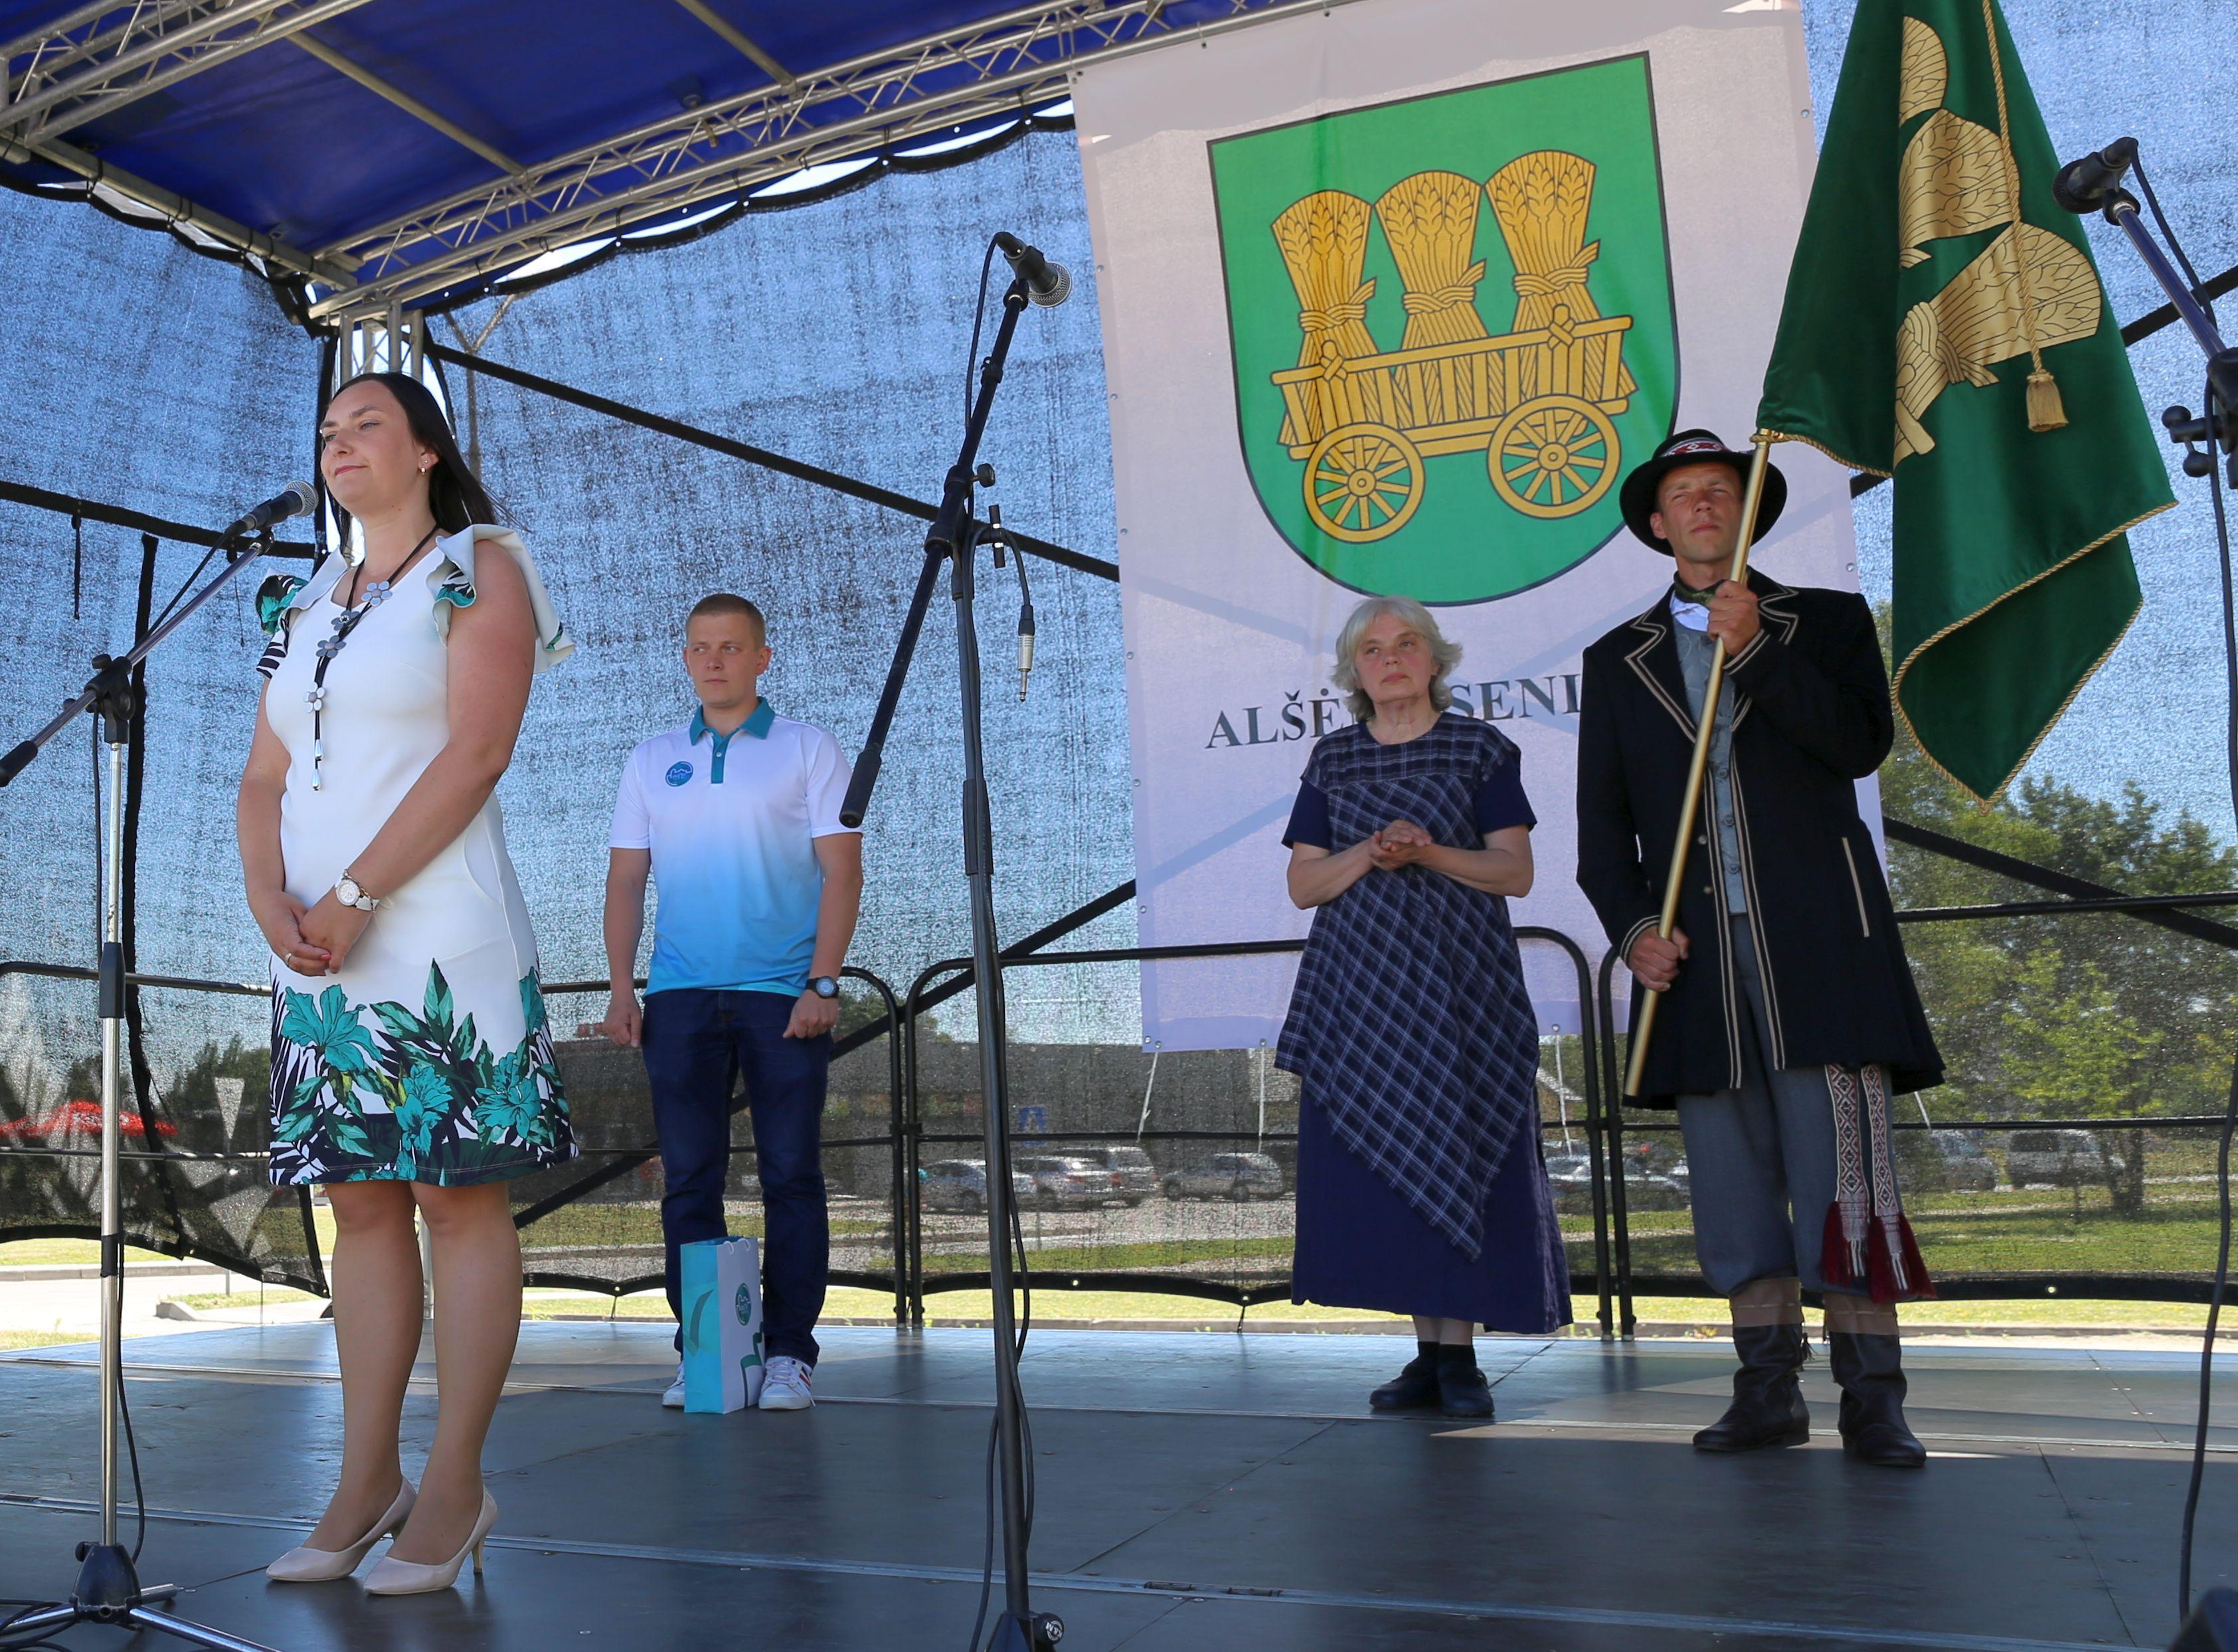 Alšėniškiai pašventino savo vėliavą   Kauno rajono savivaldybės nuotr.